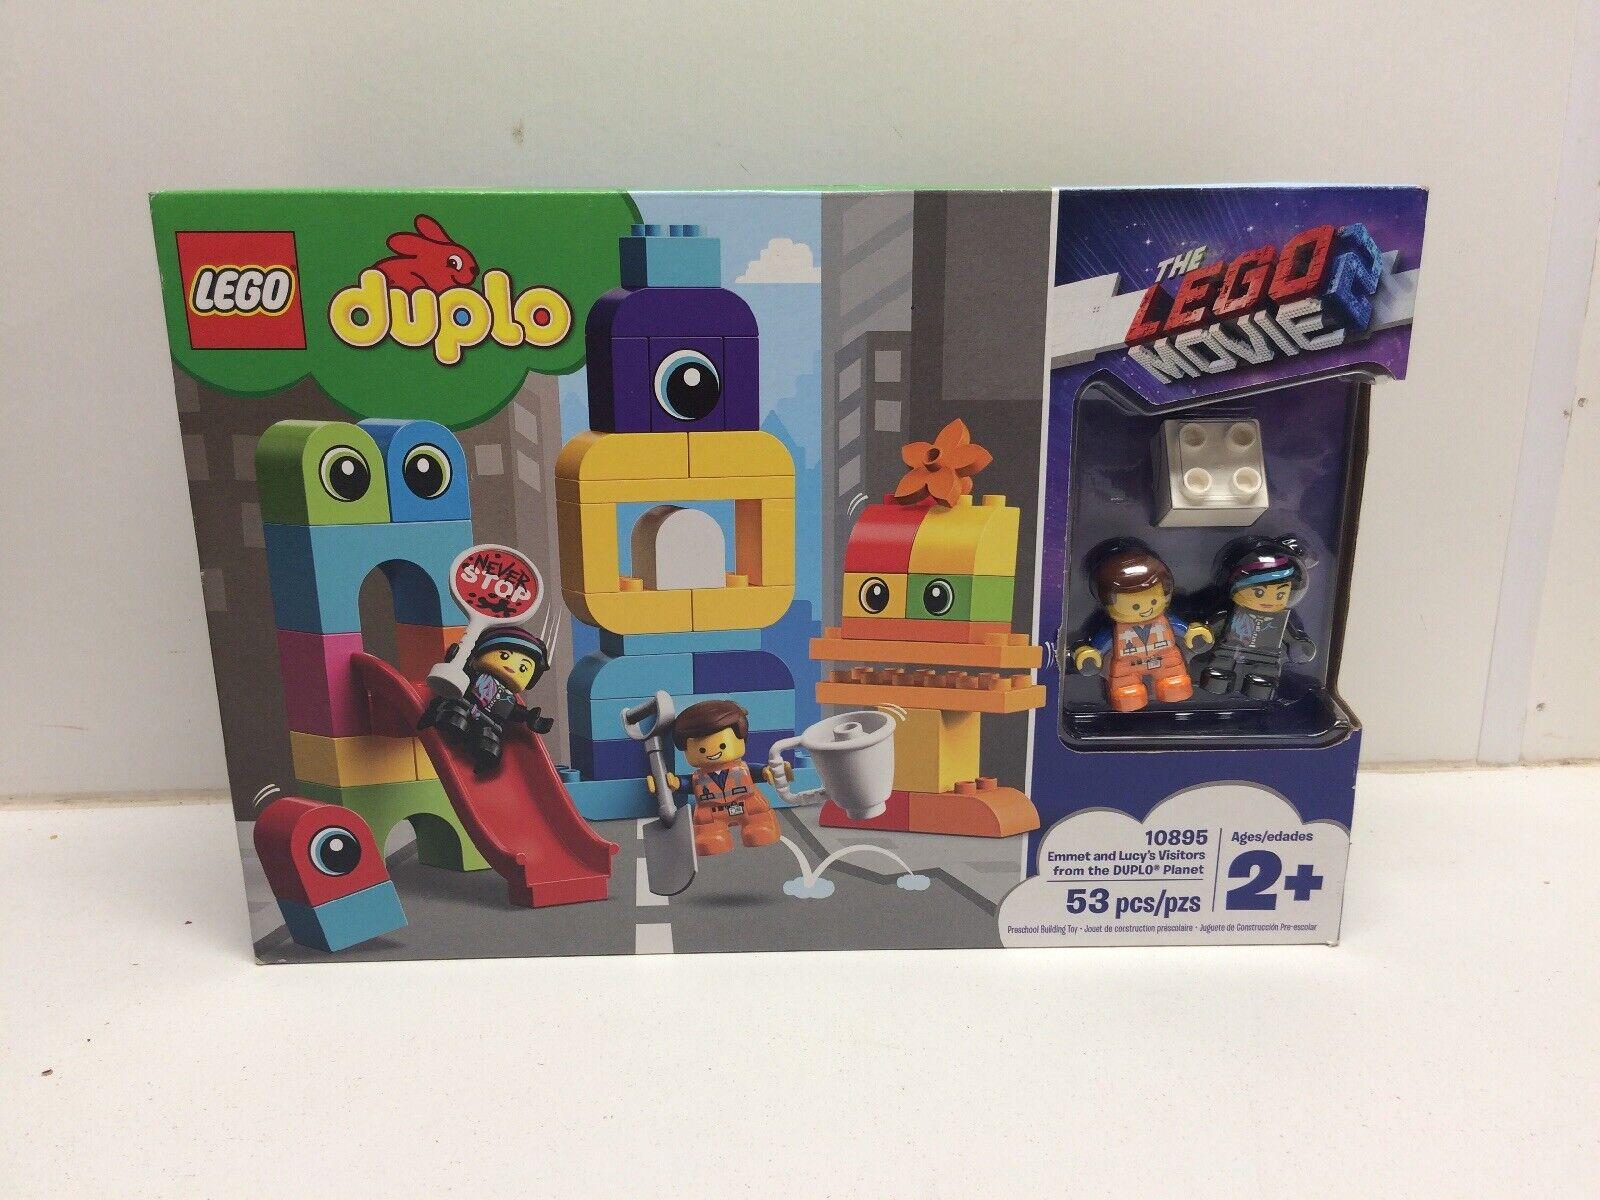 Nya LEGO duplo Lego Movie 2 Emmet och Lucy järnvägly 65533,65533 Besökare från The duplo plant